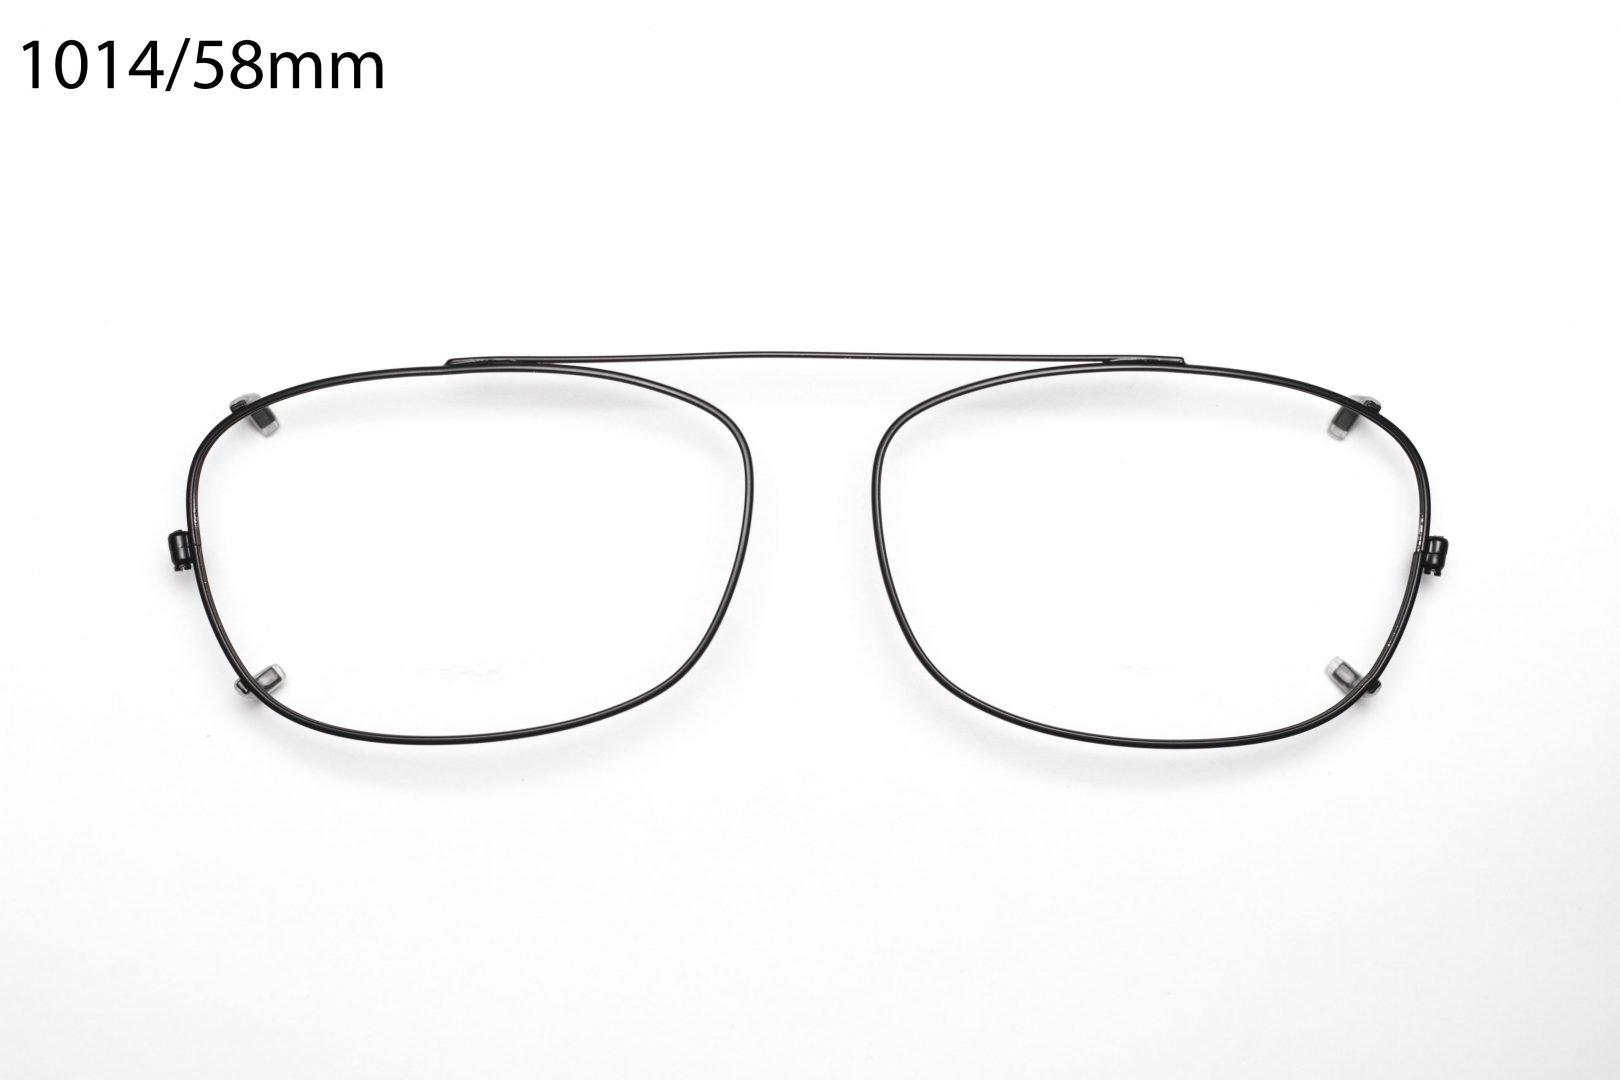 Modèle 1014-58mm